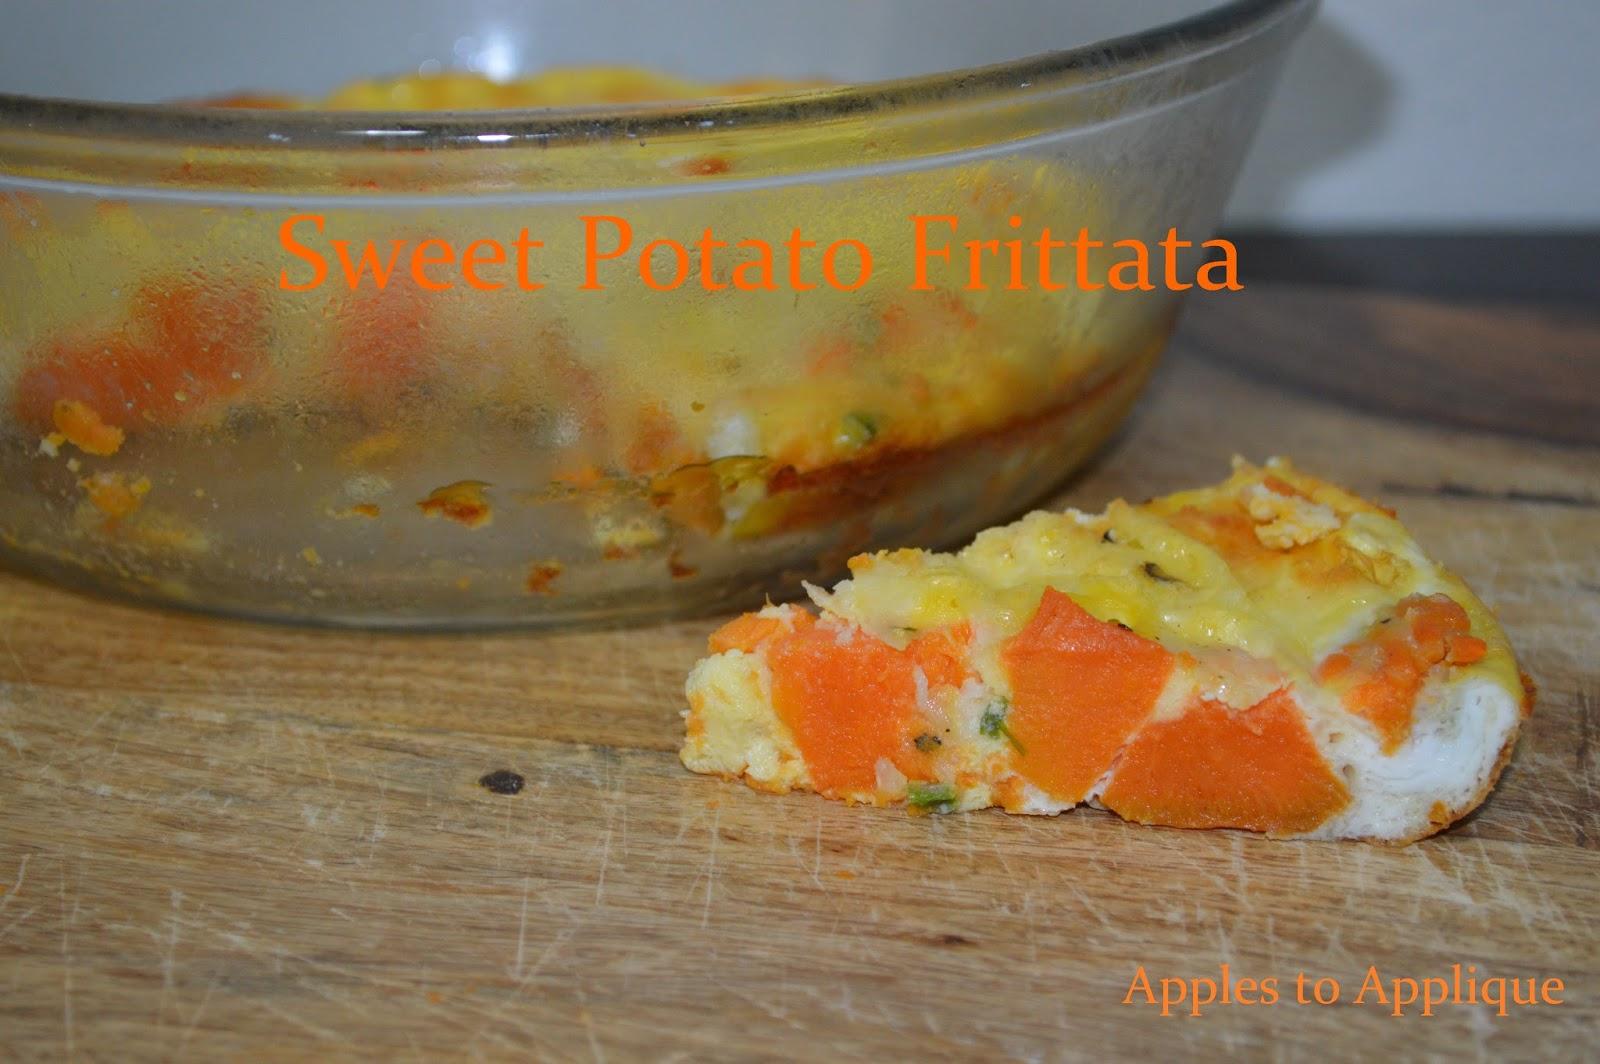 Apples to Applique: Sweet Potato Frittata